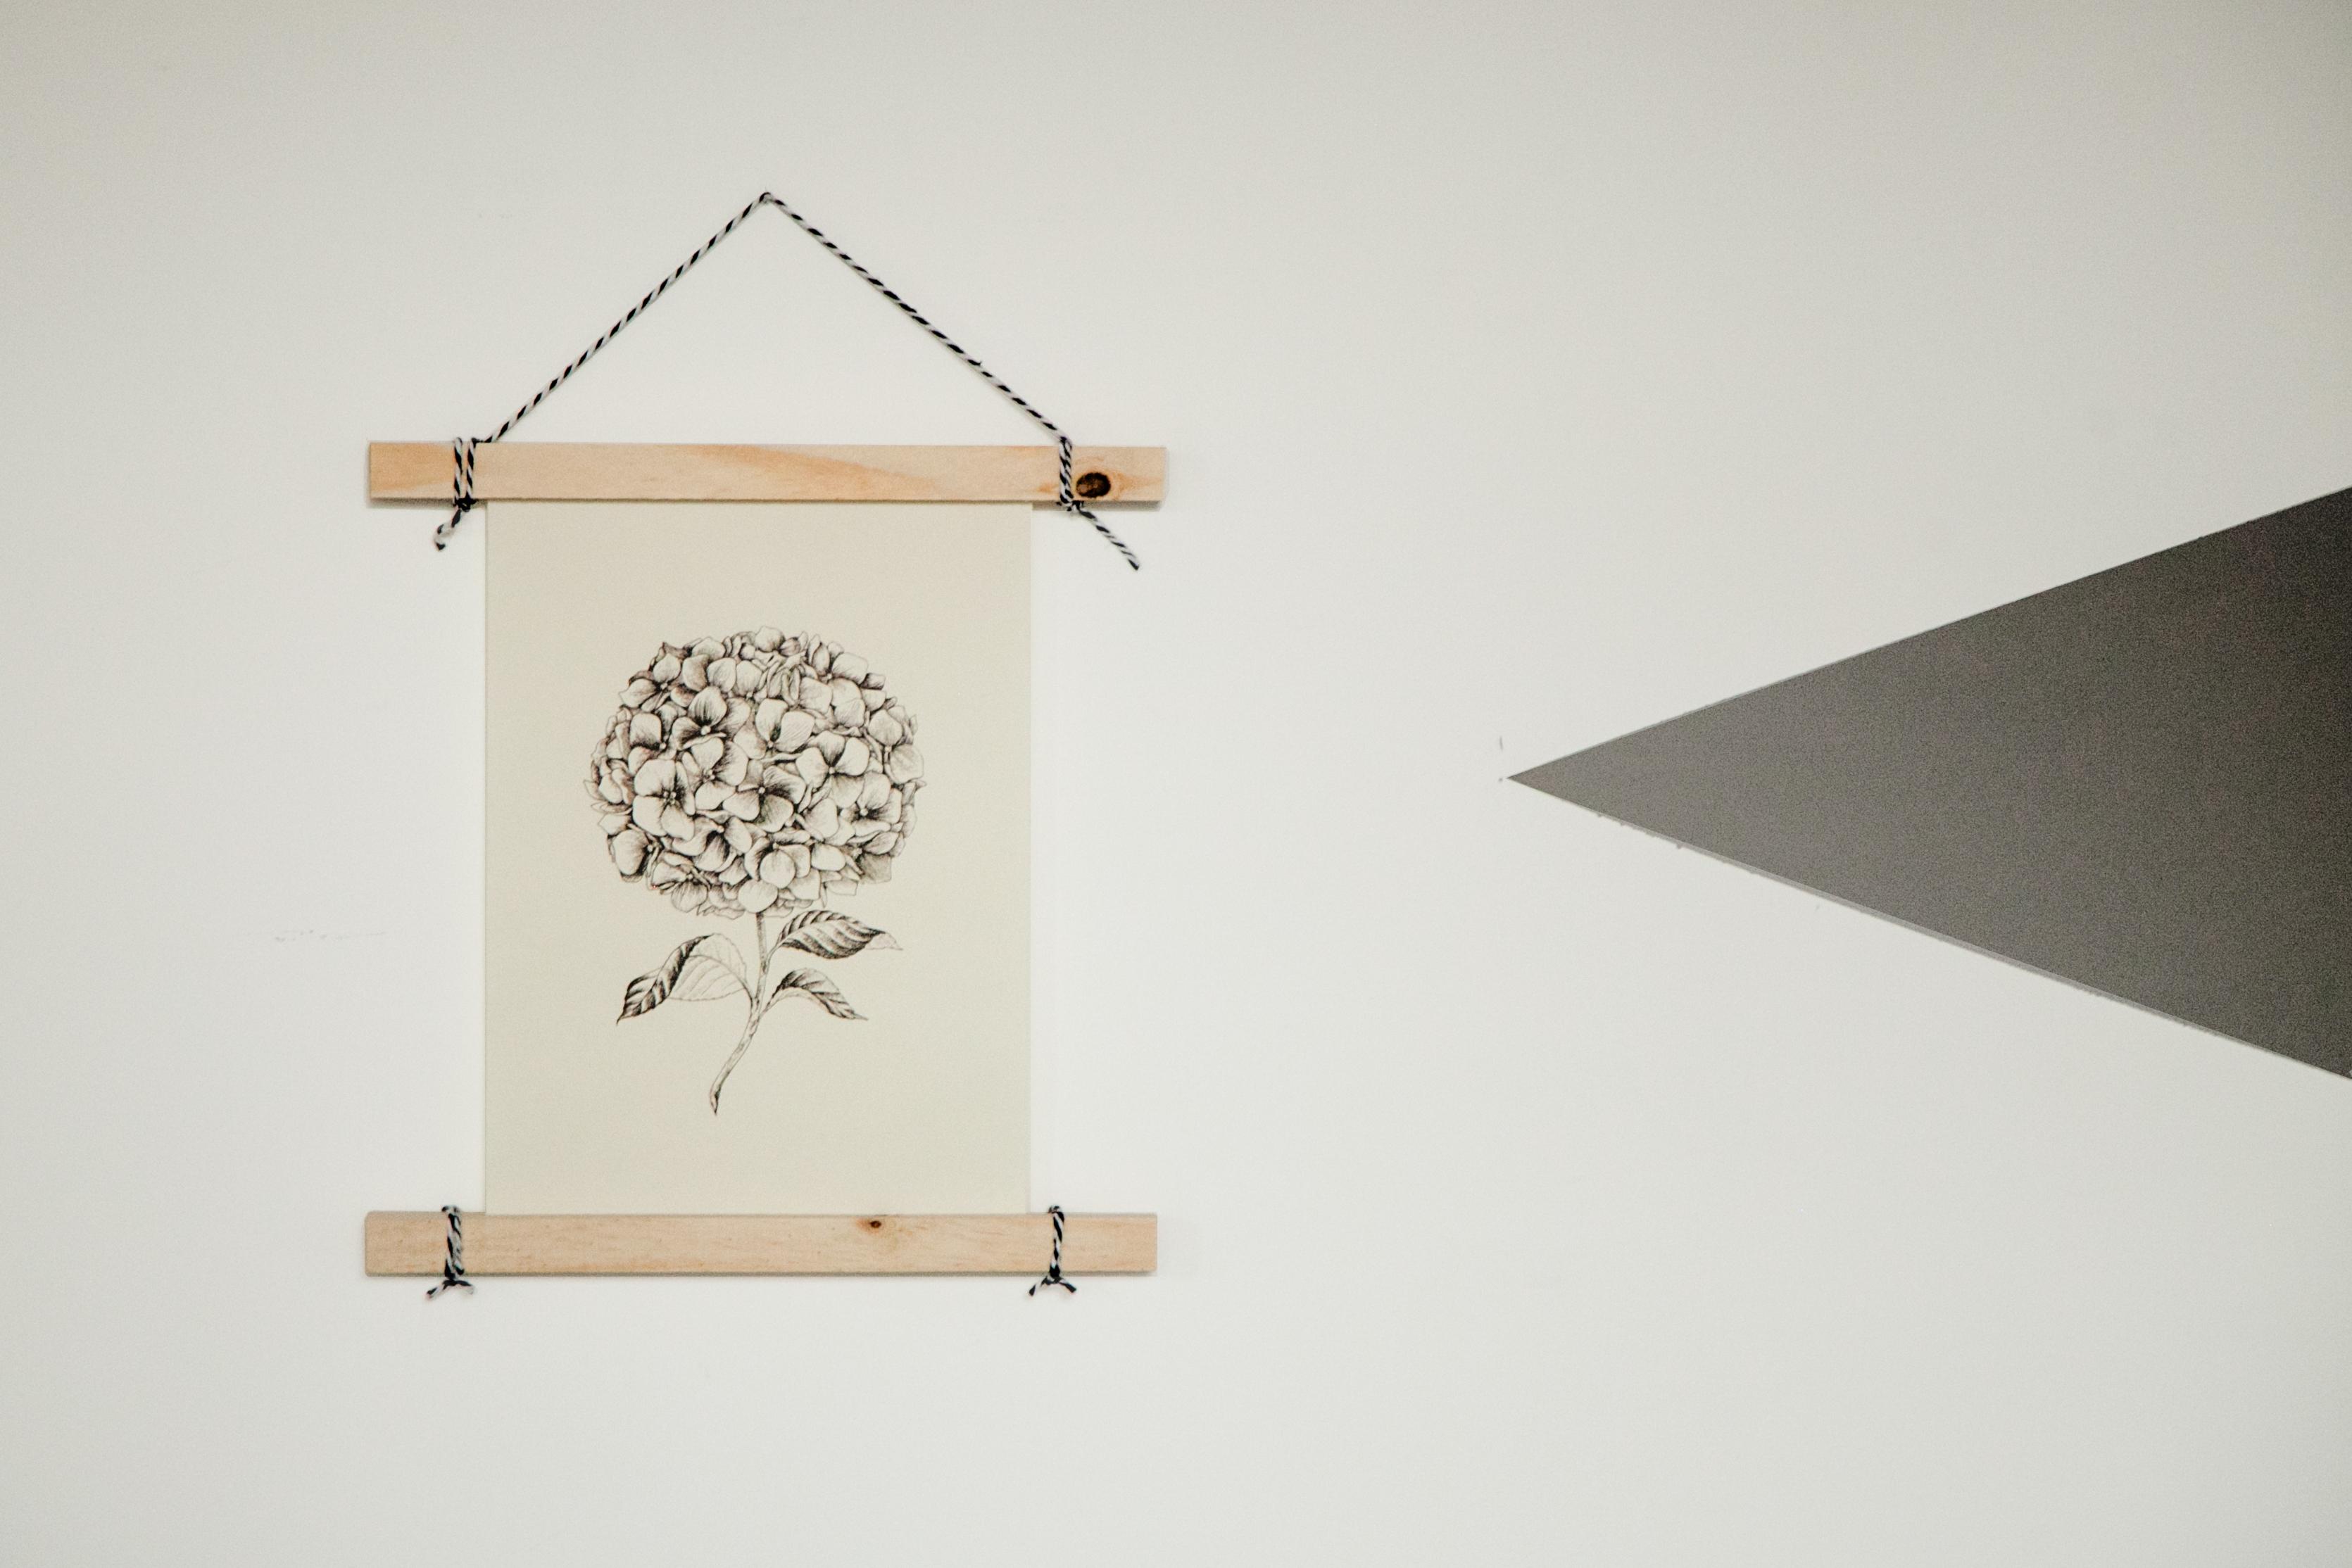 posters-ophangen-met-hout